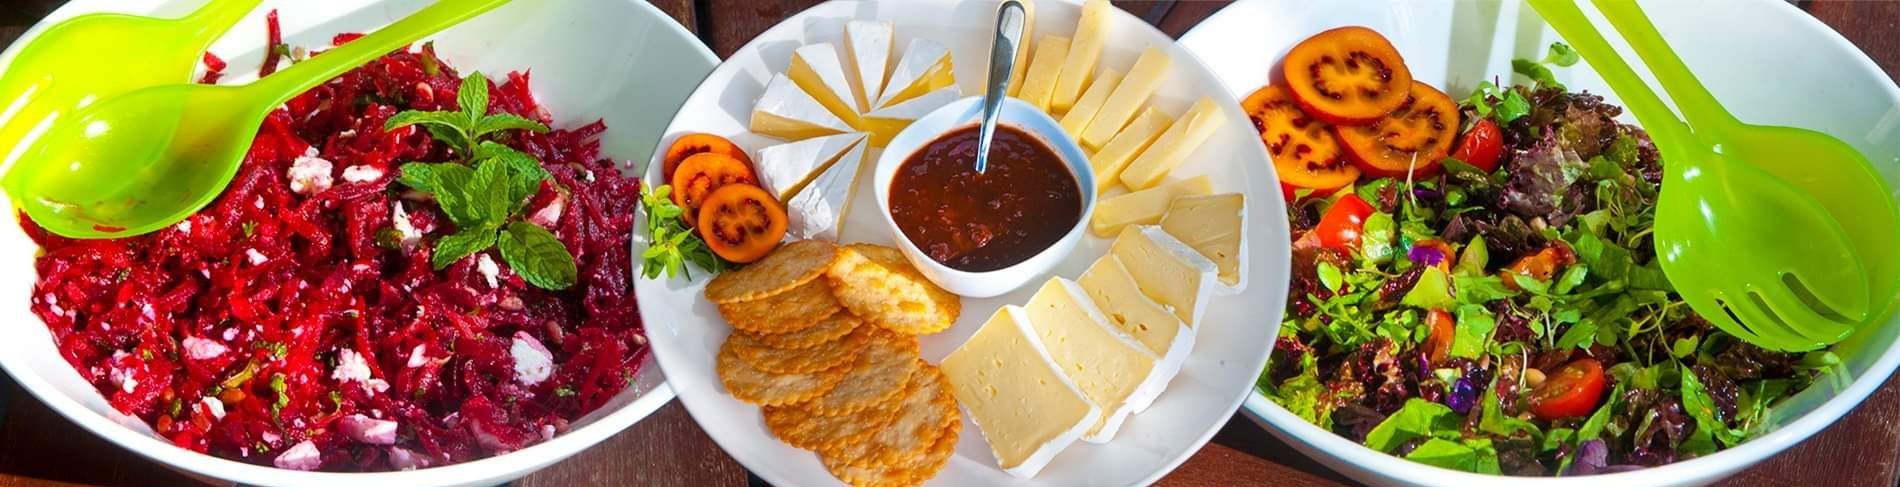 Tamco tamarillo relish and vinaigrette with salads and cheese